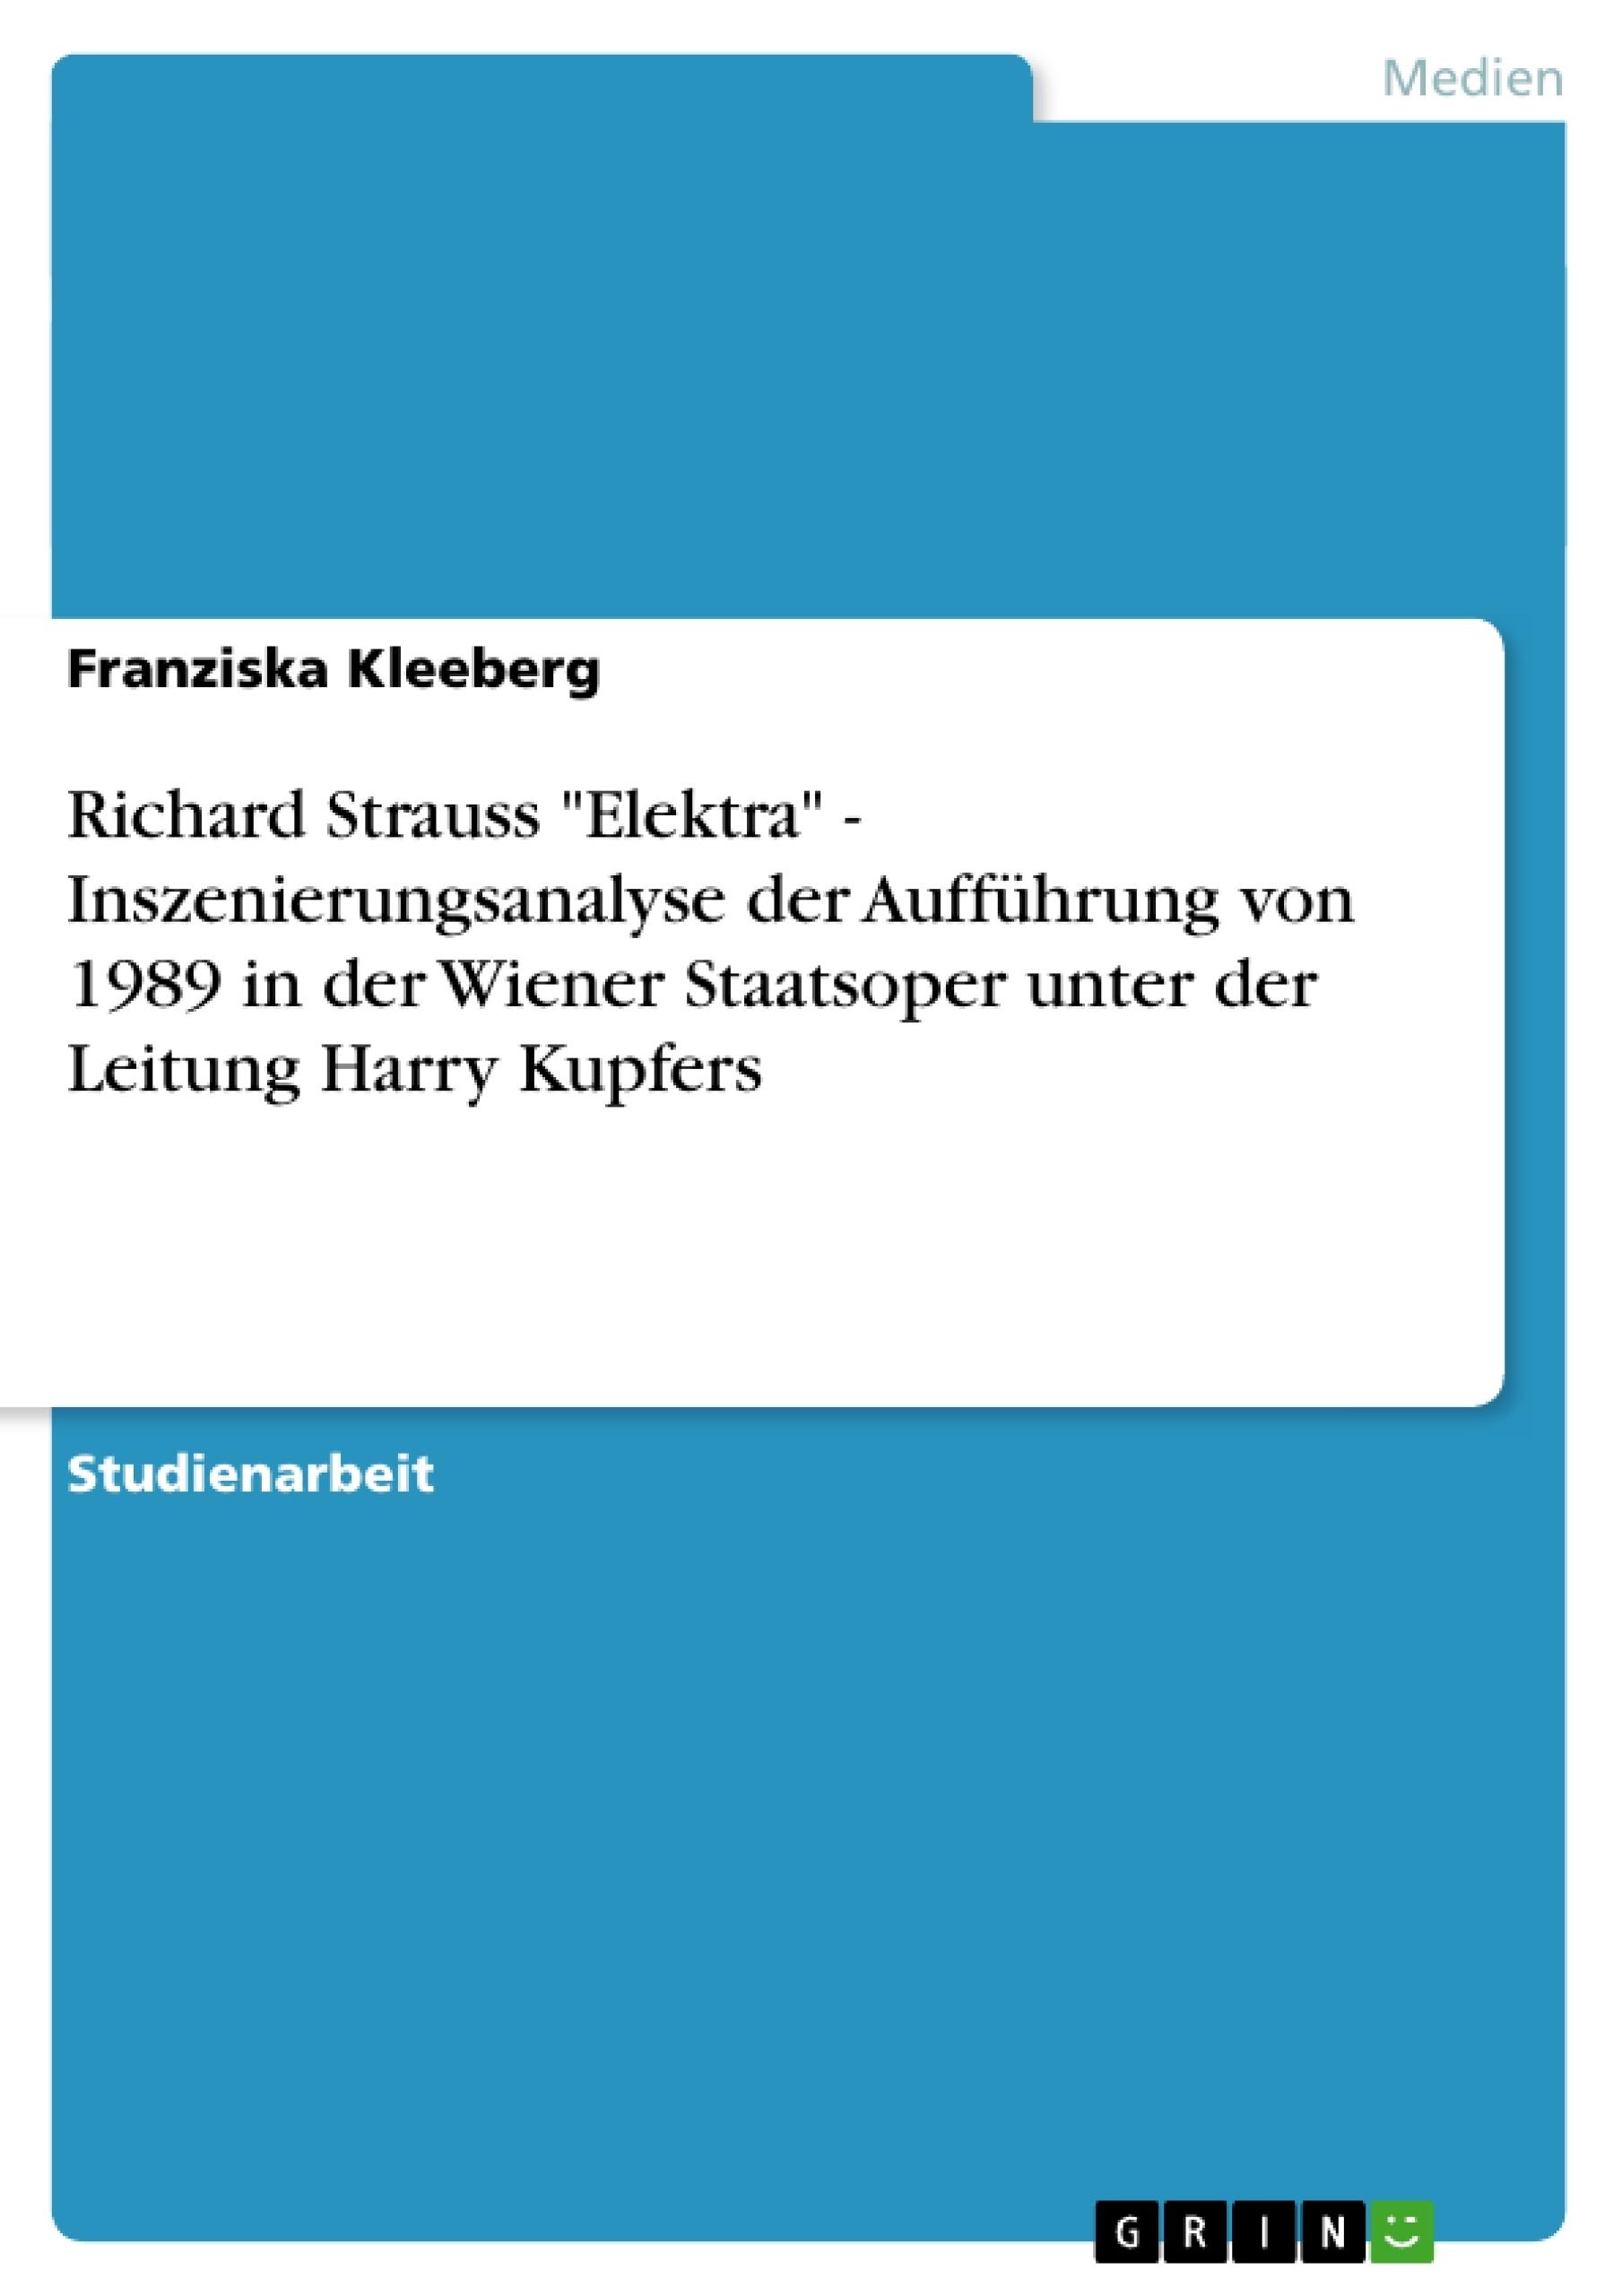 """Titel: Richard Strauss """"Elektra"""" - Inszenierungsanalyse der Aufführung von 1989 in der Wiener Staatsoper unter der Leitung Harry Kupfers"""